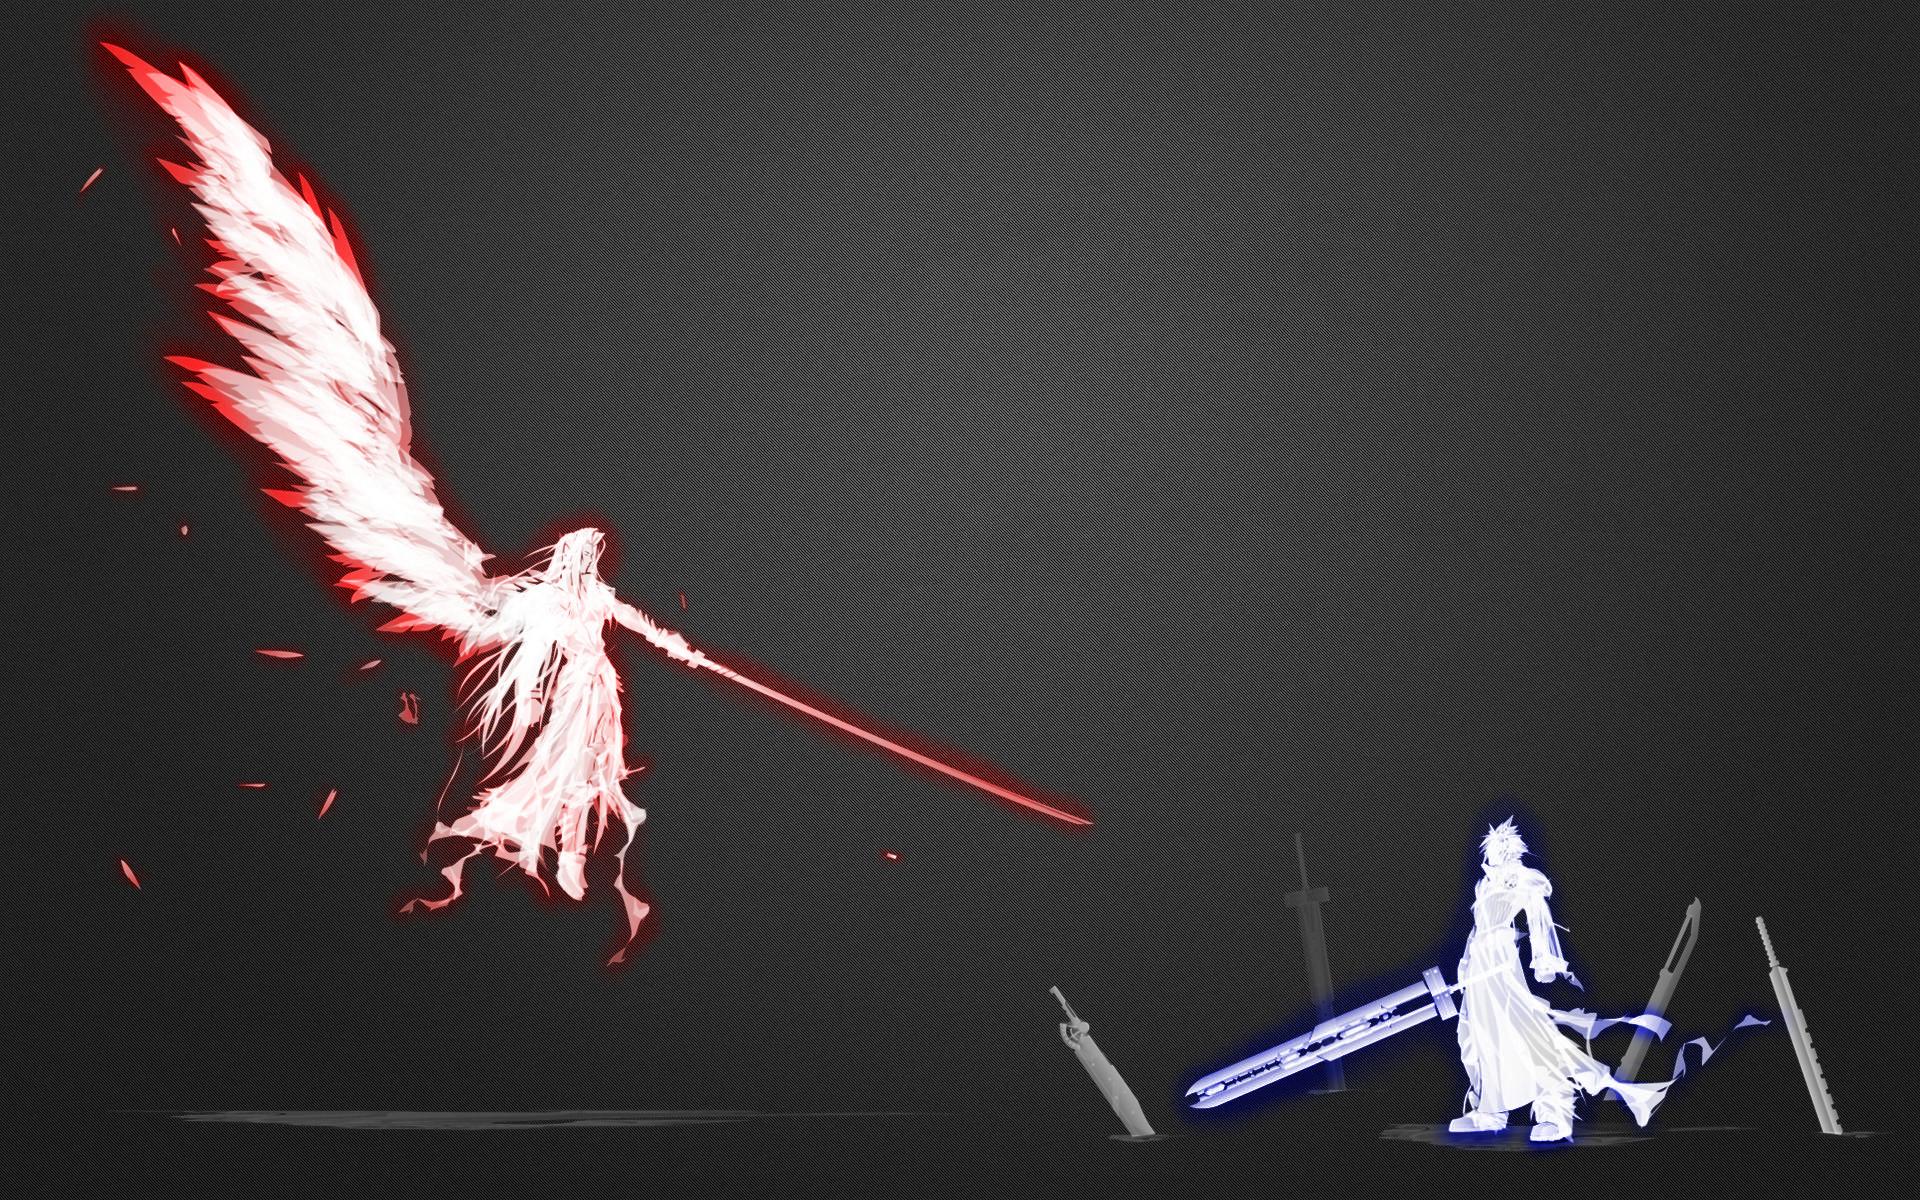 Movie – Final Fantasy VII: Advent Children Wallpaper